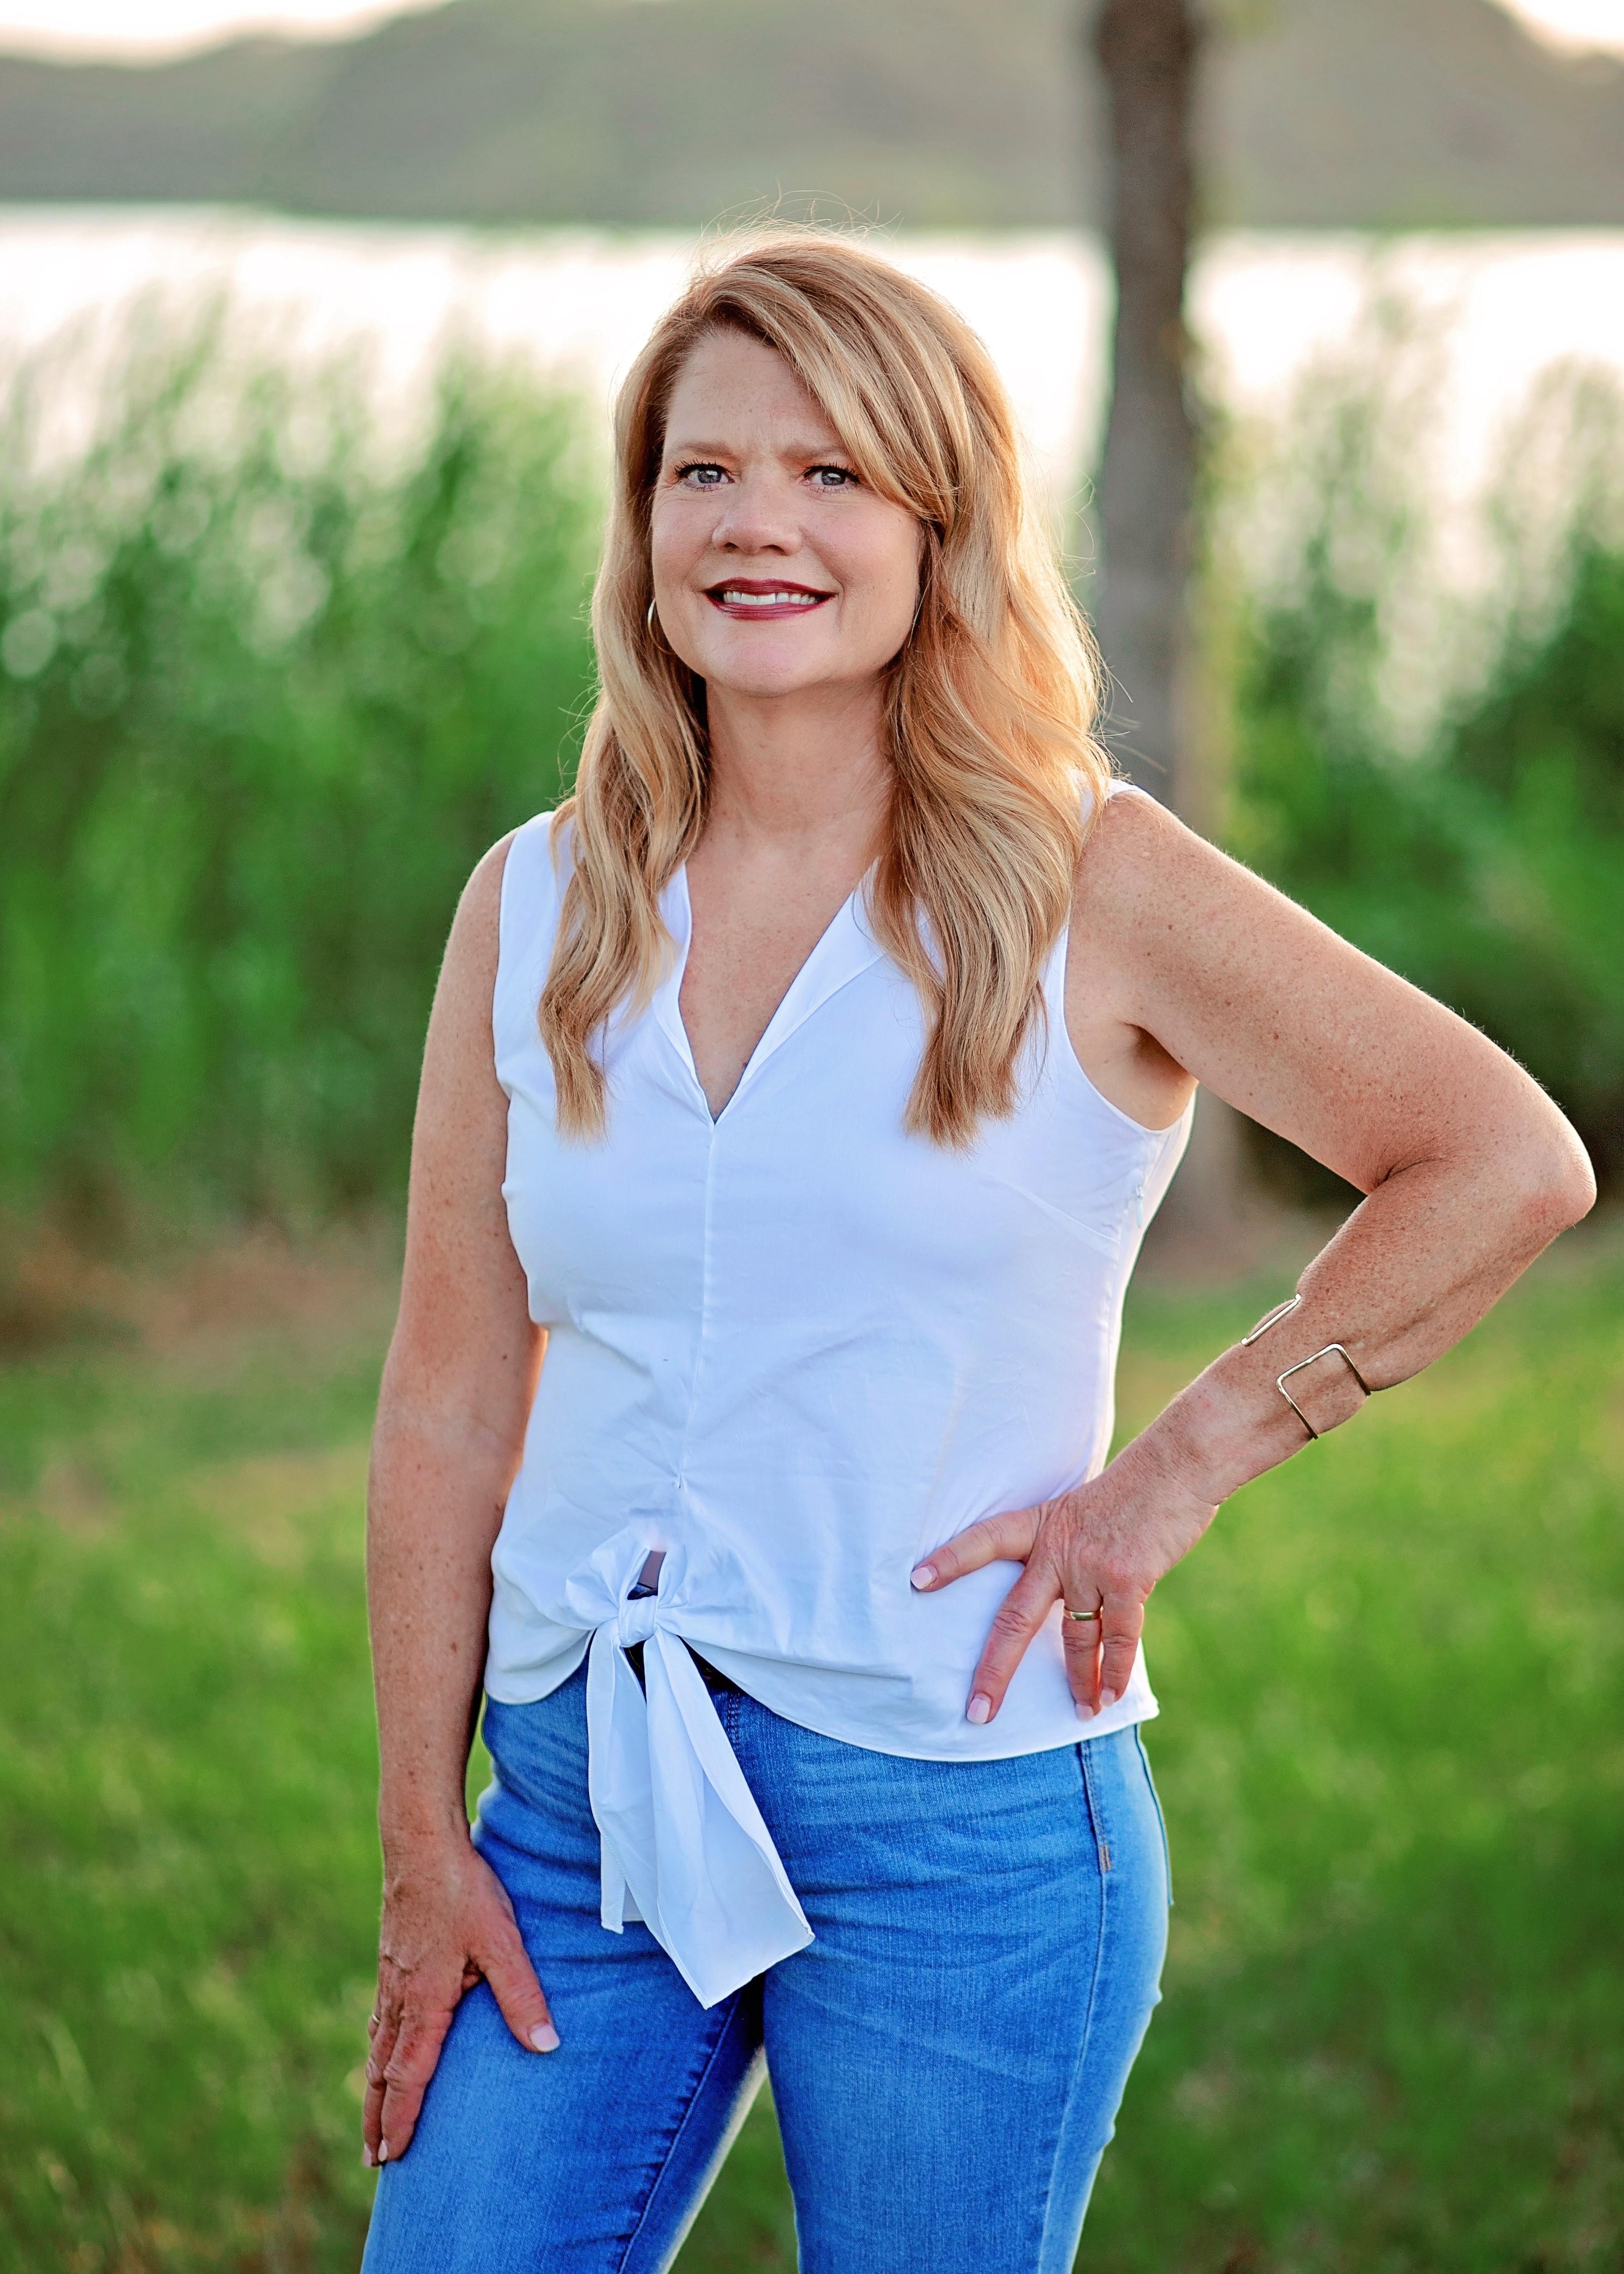 Elaine S. Fabbri